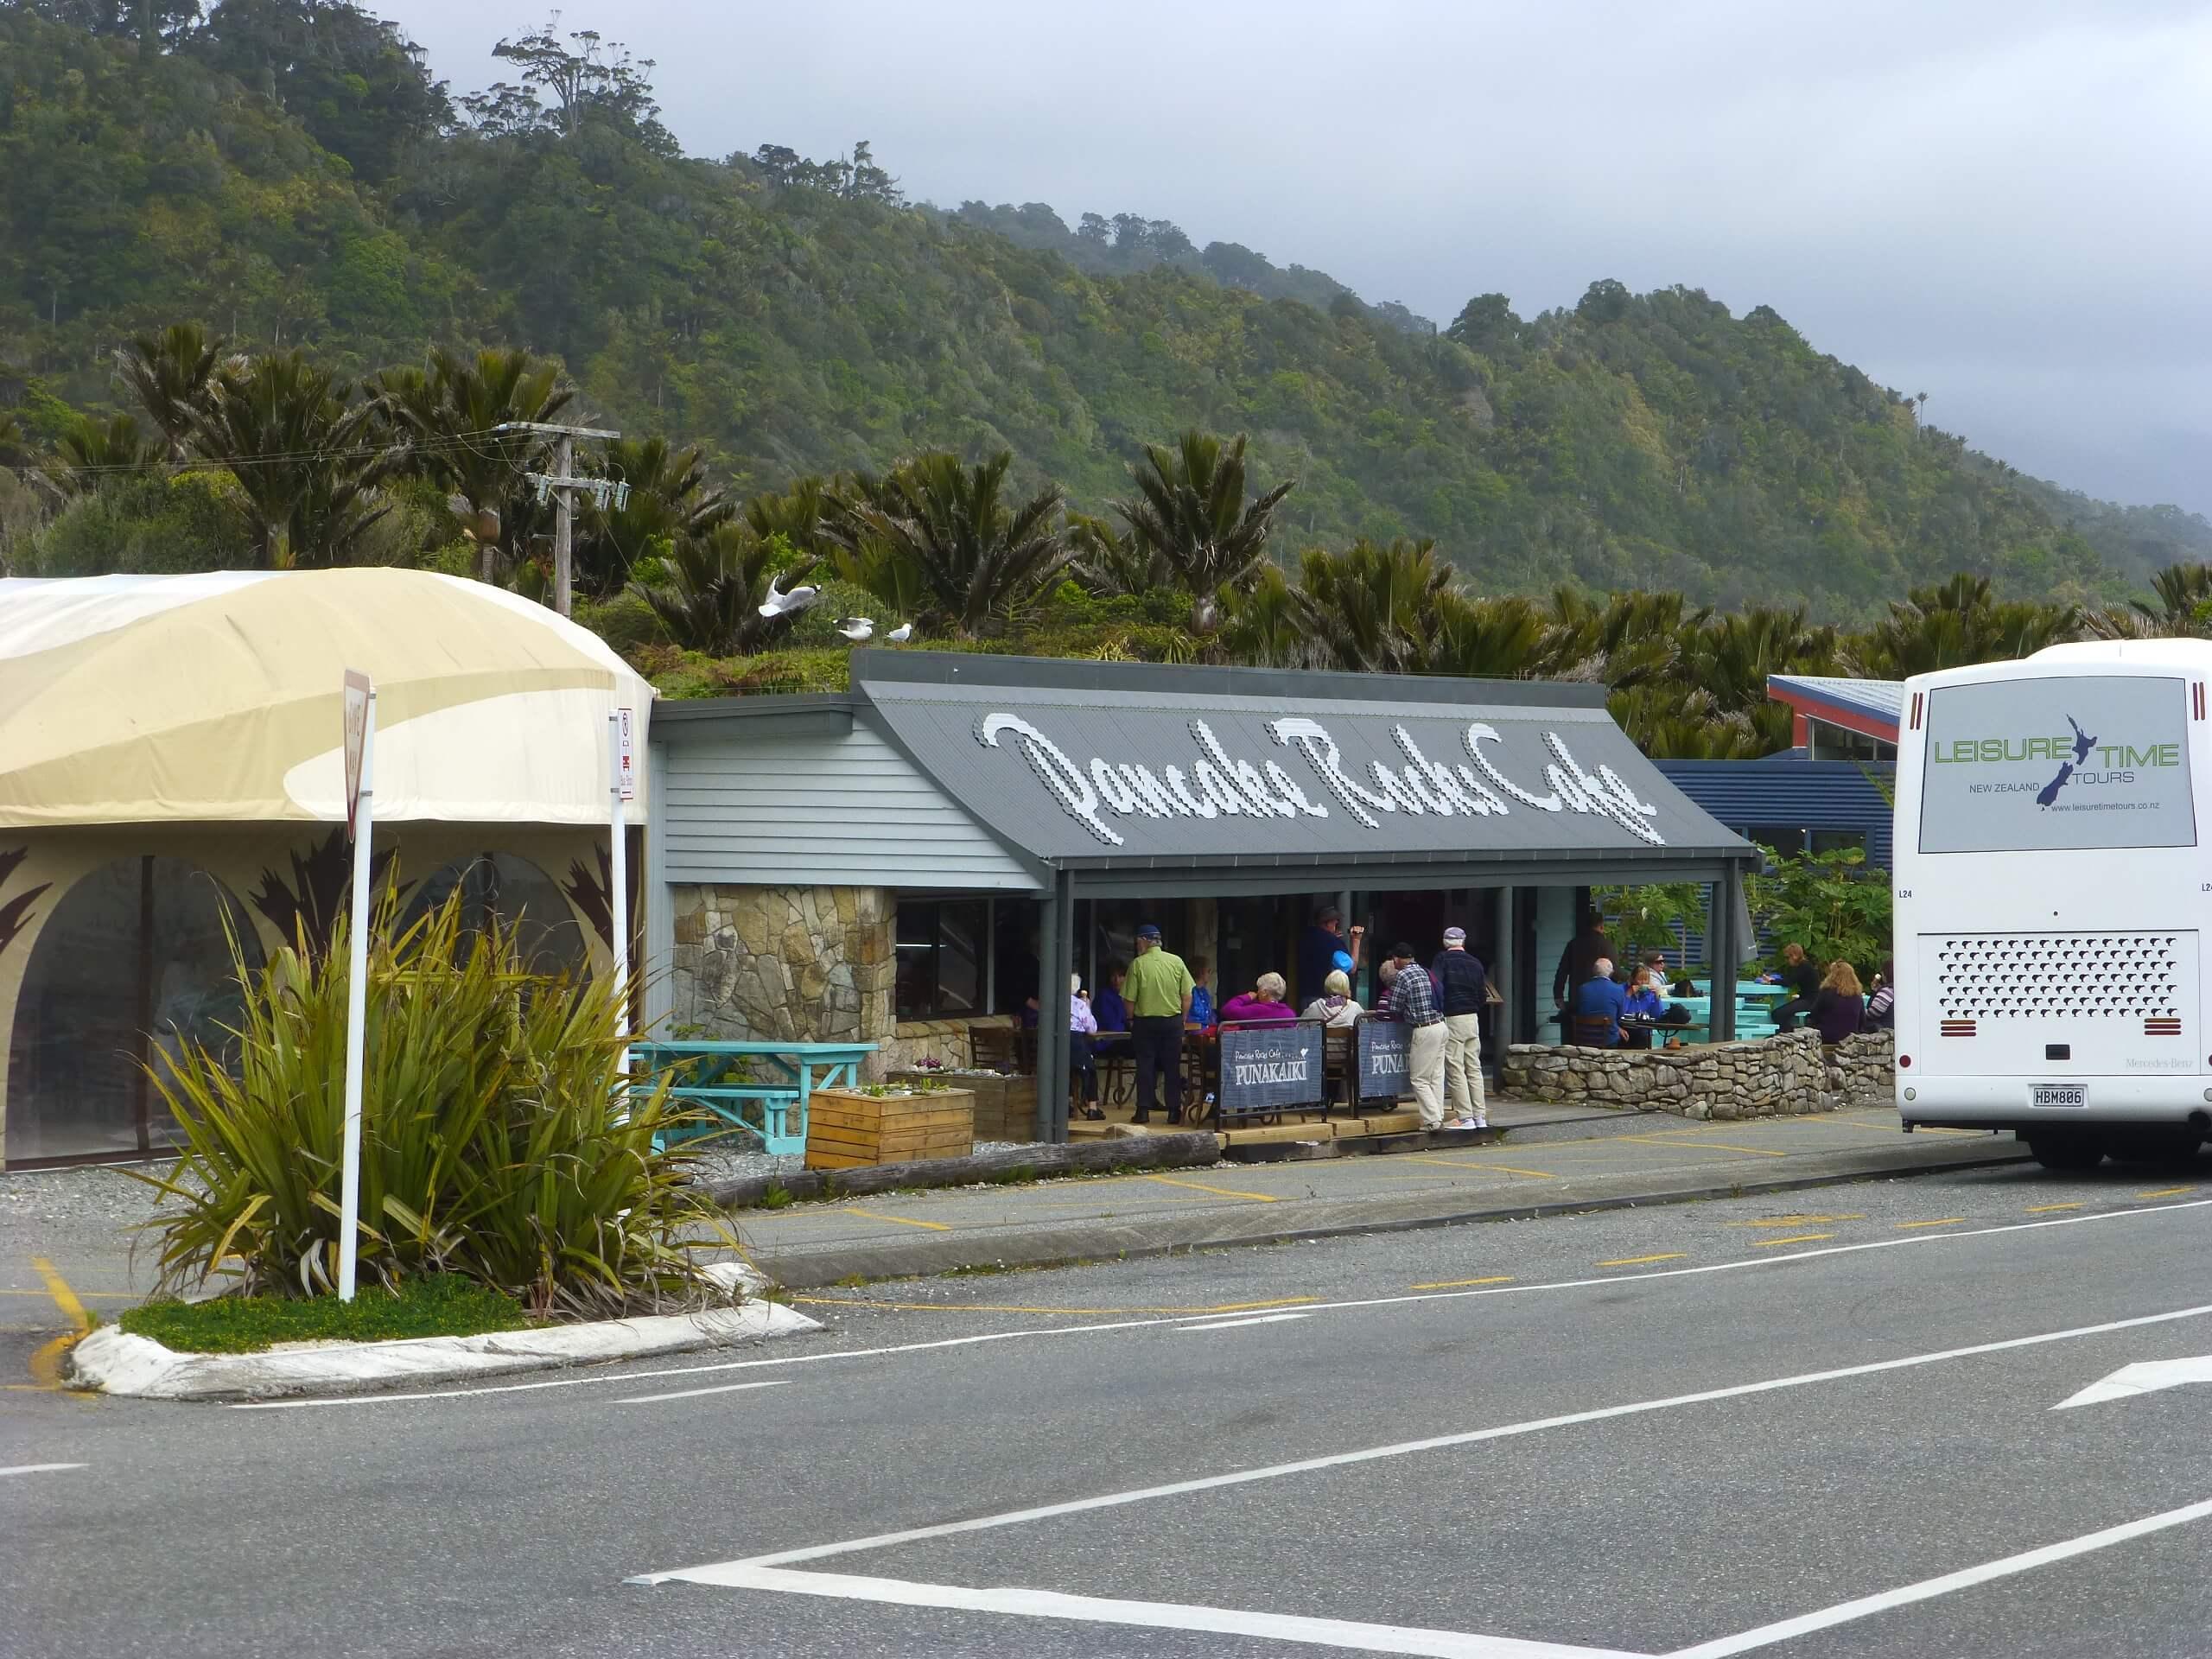 Neuseeland, Pancake Rocks Cafe 5